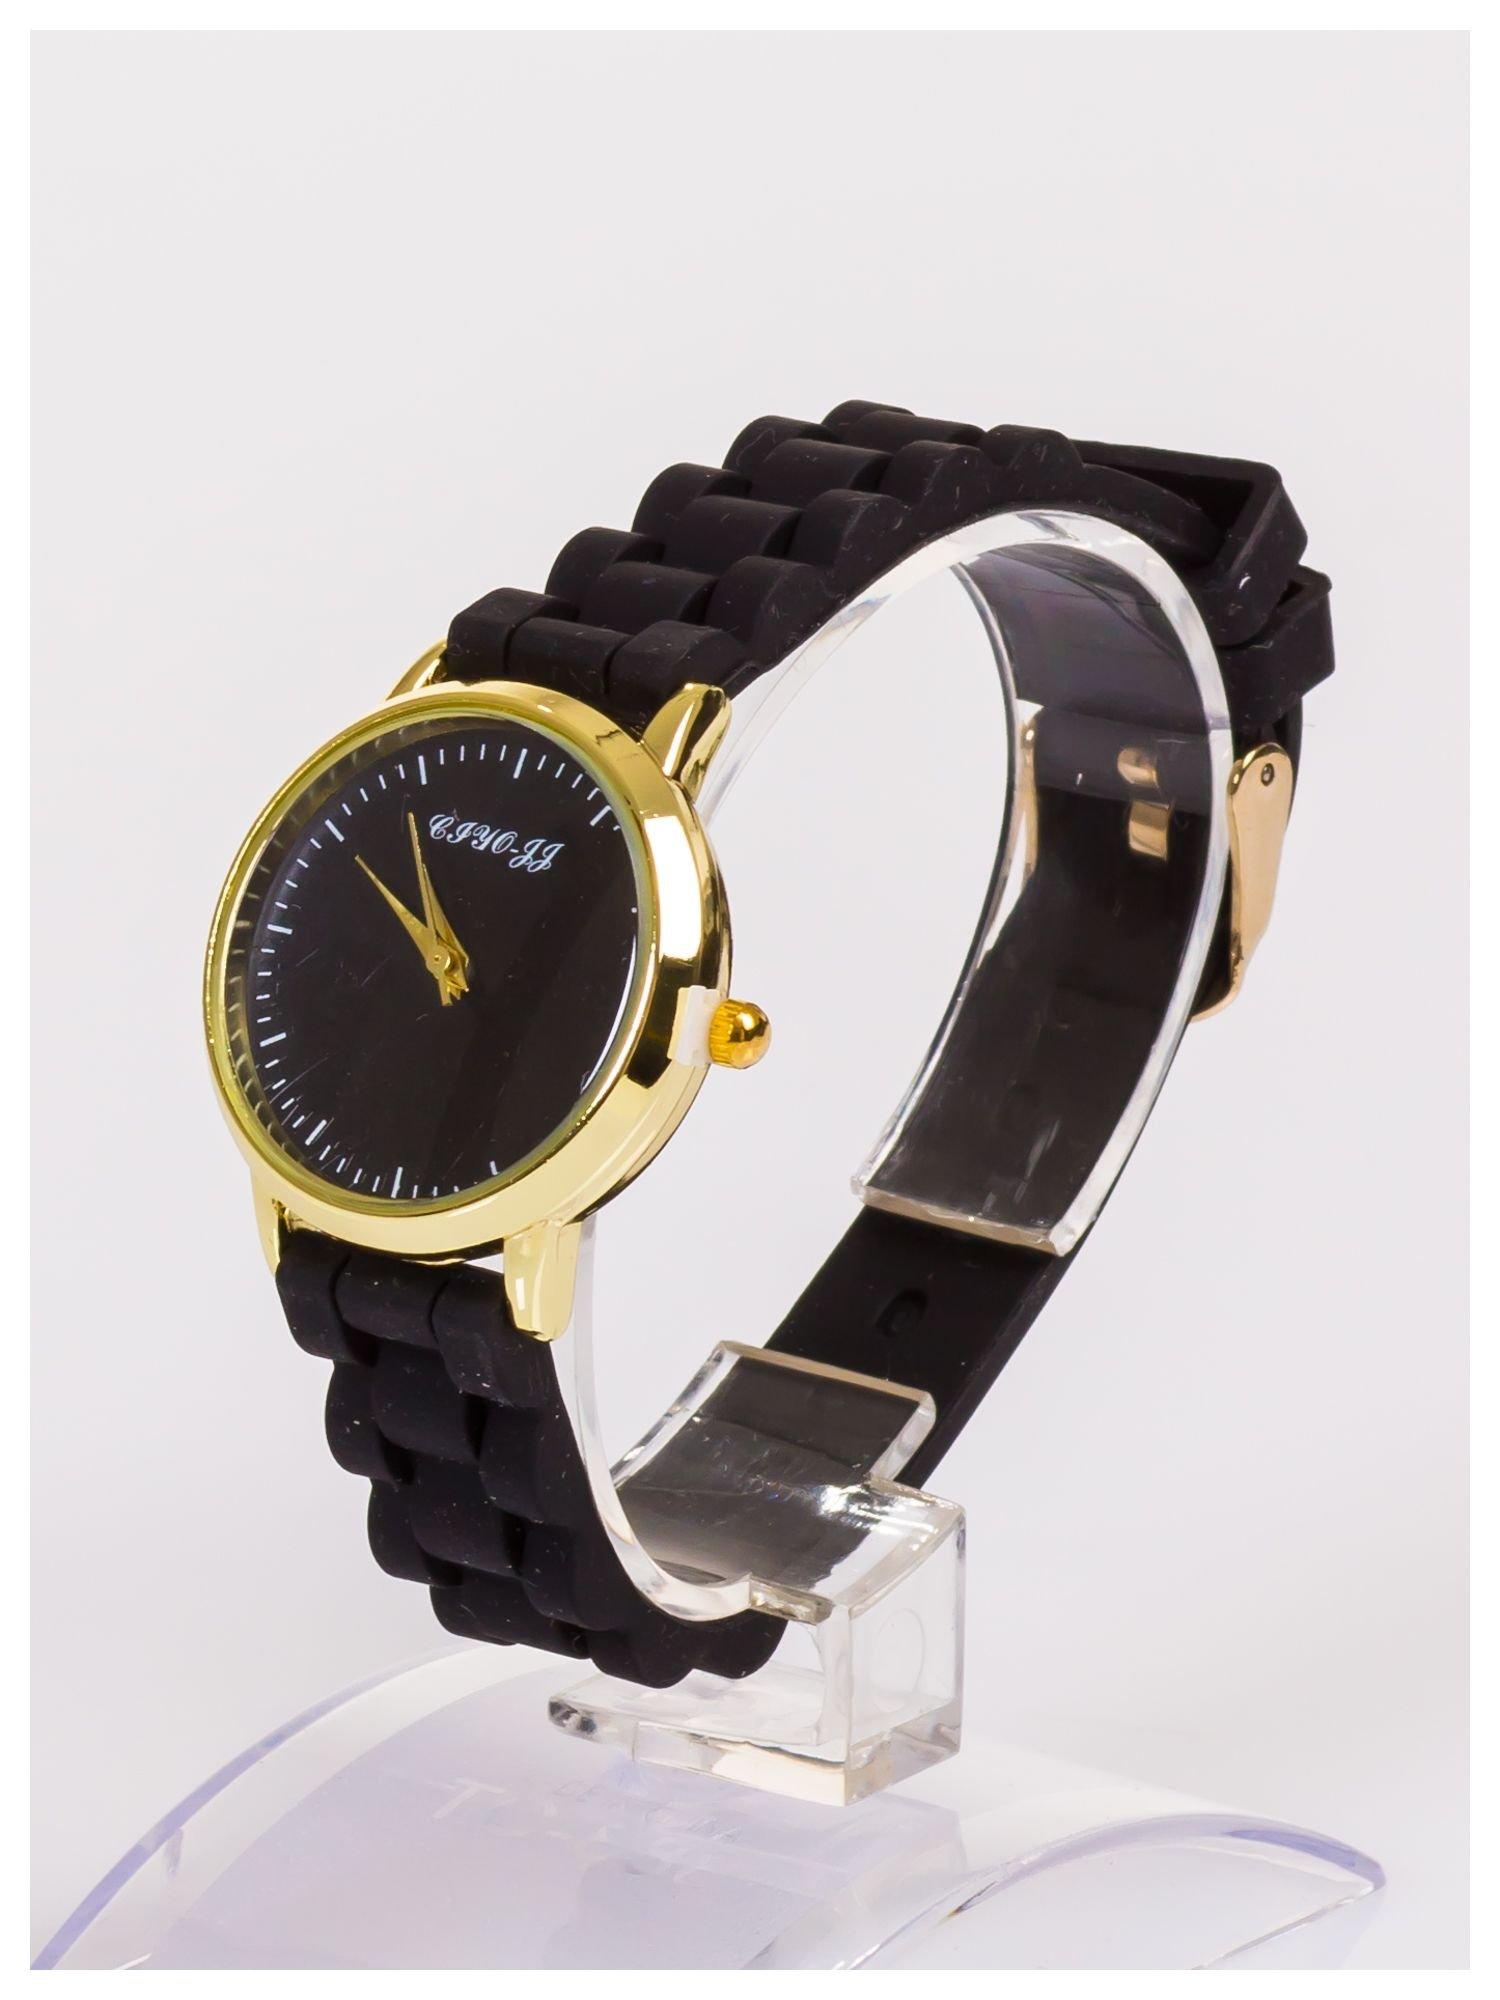 Damski zegarek z małą tarczą na silikonowym wygodnym pasku                                   zdj.                                  2